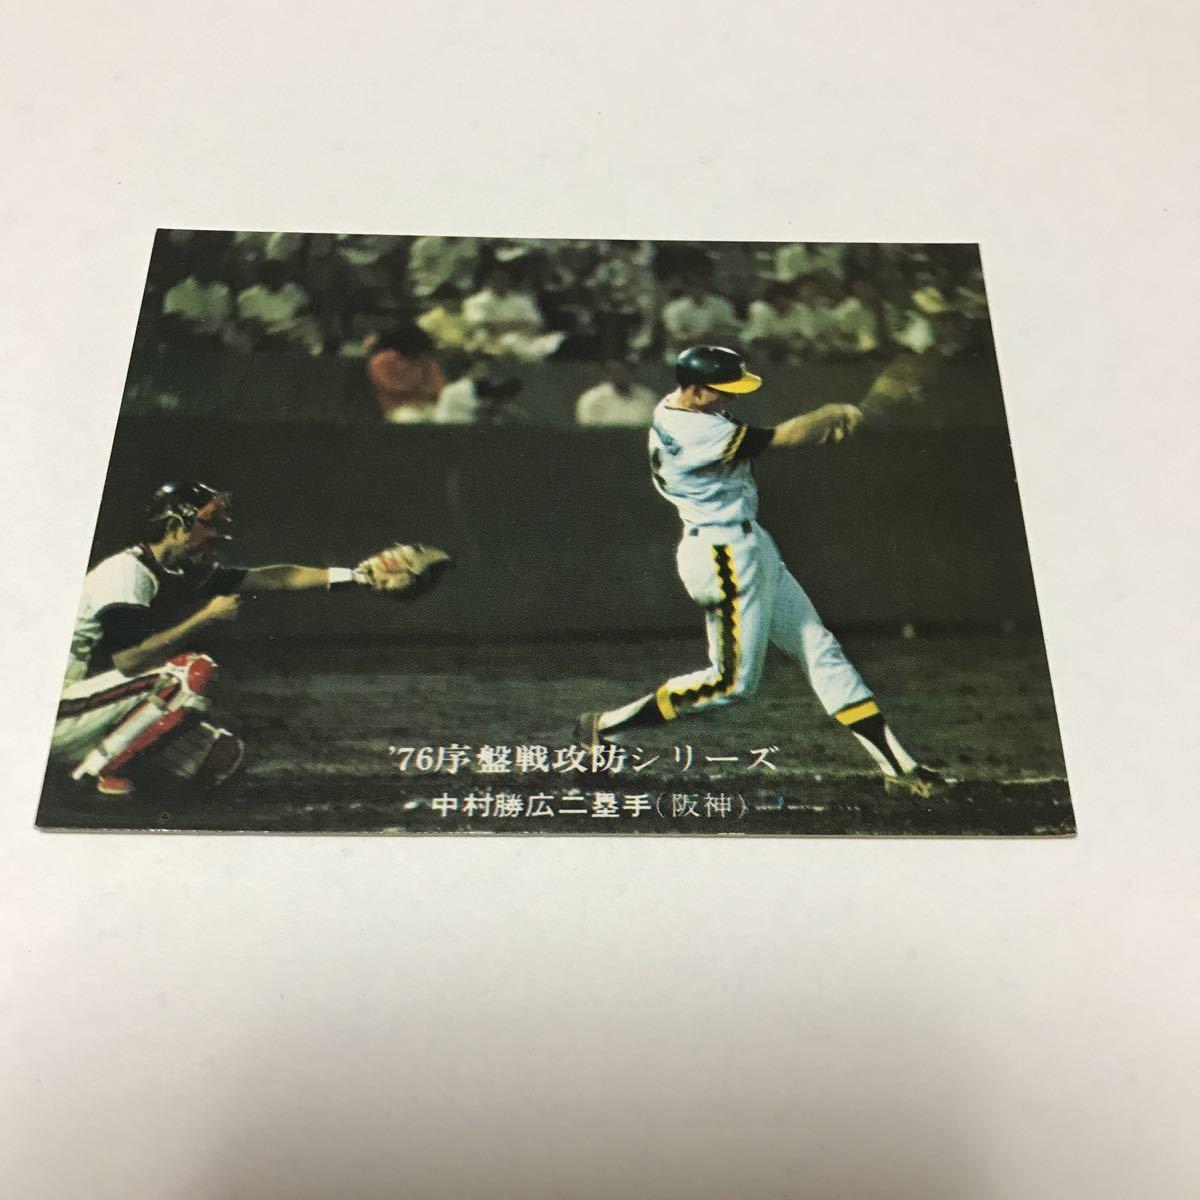 1976年の阪神タイガース